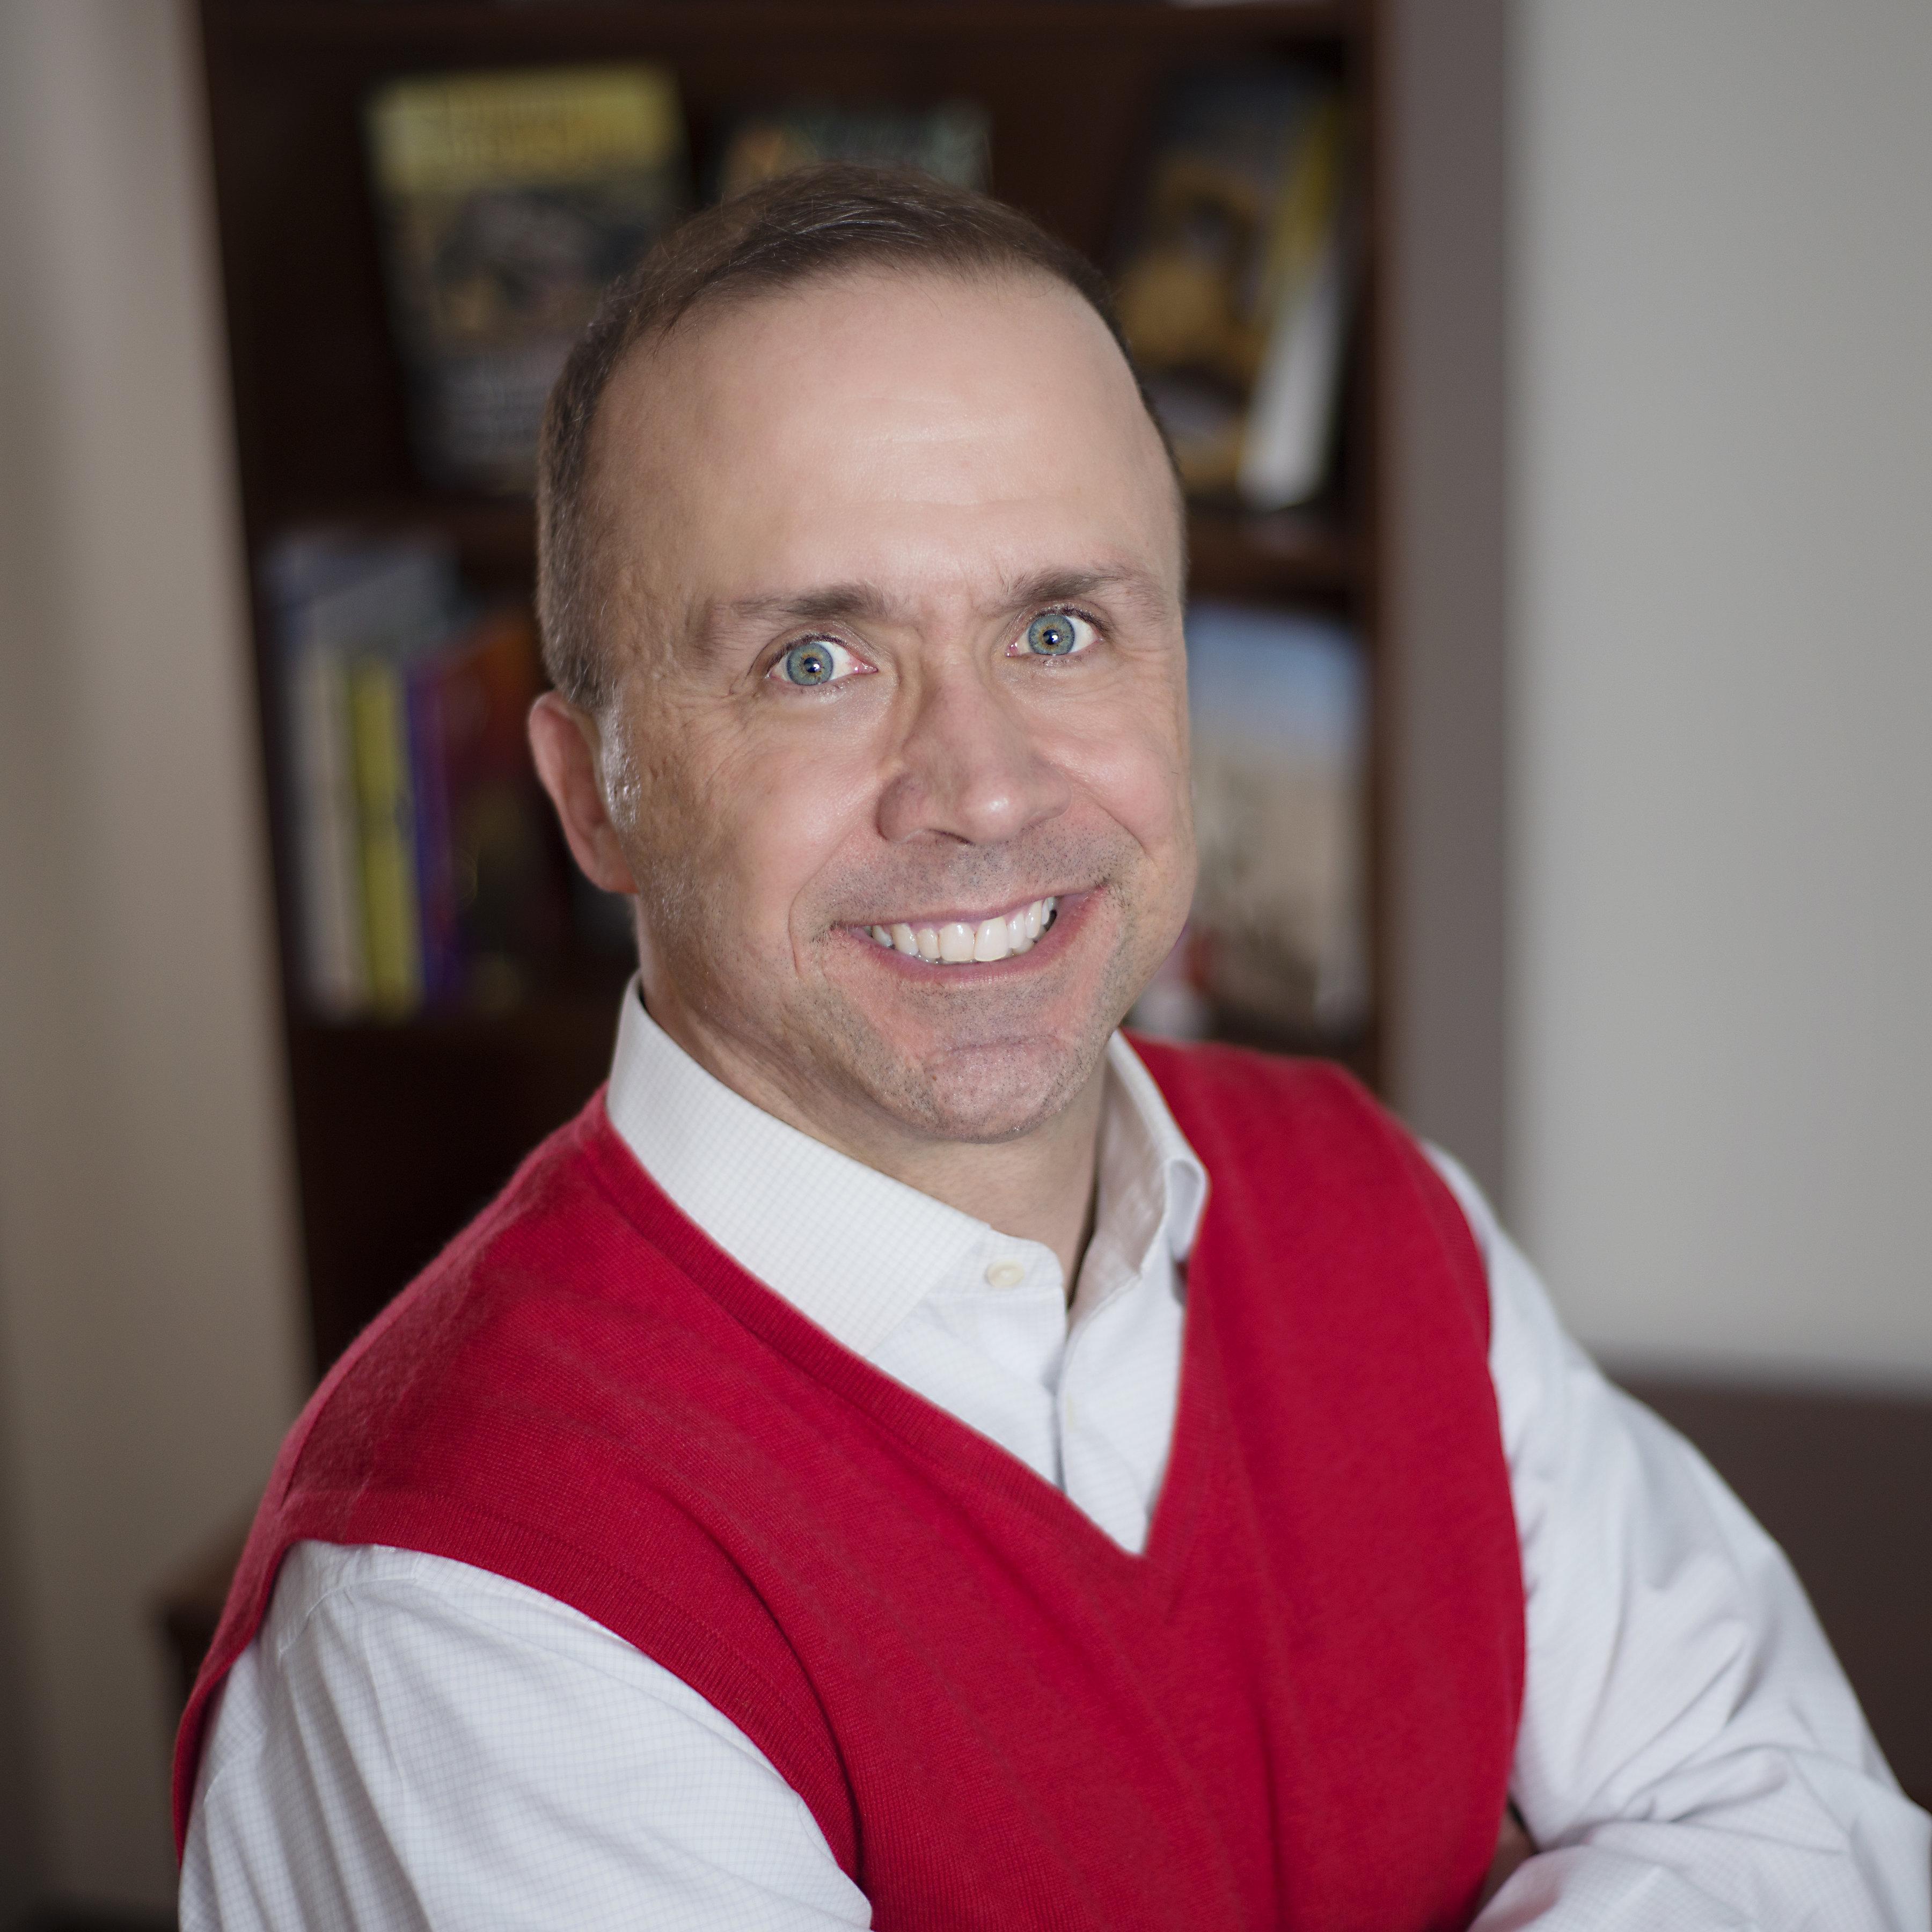 Peter Rhoda